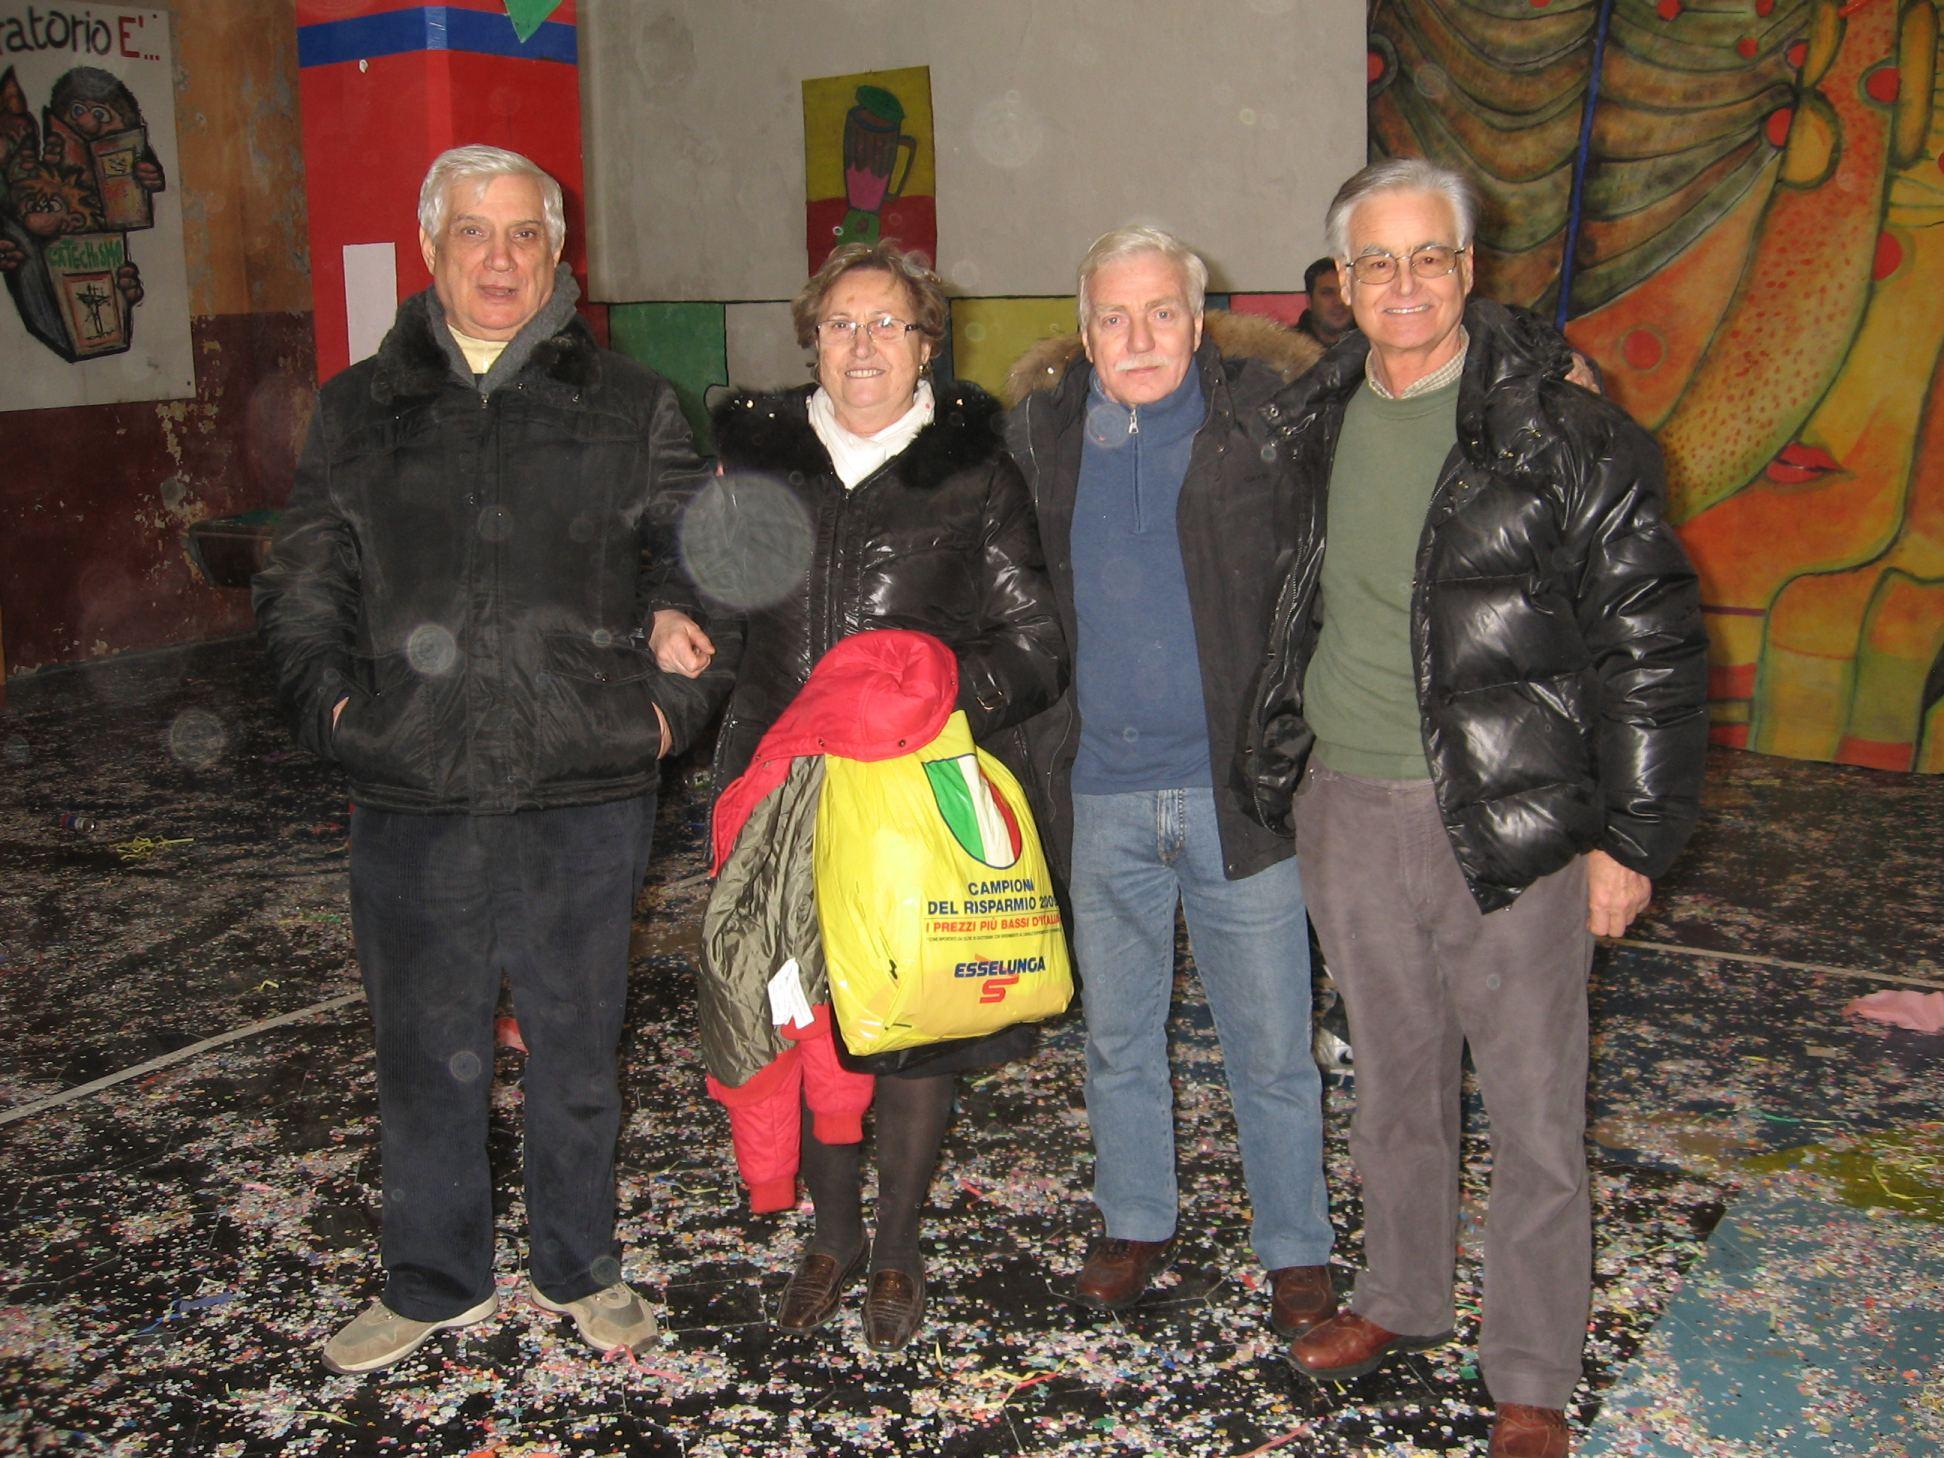 Pentolaccia-2010-02-14--18.15.09